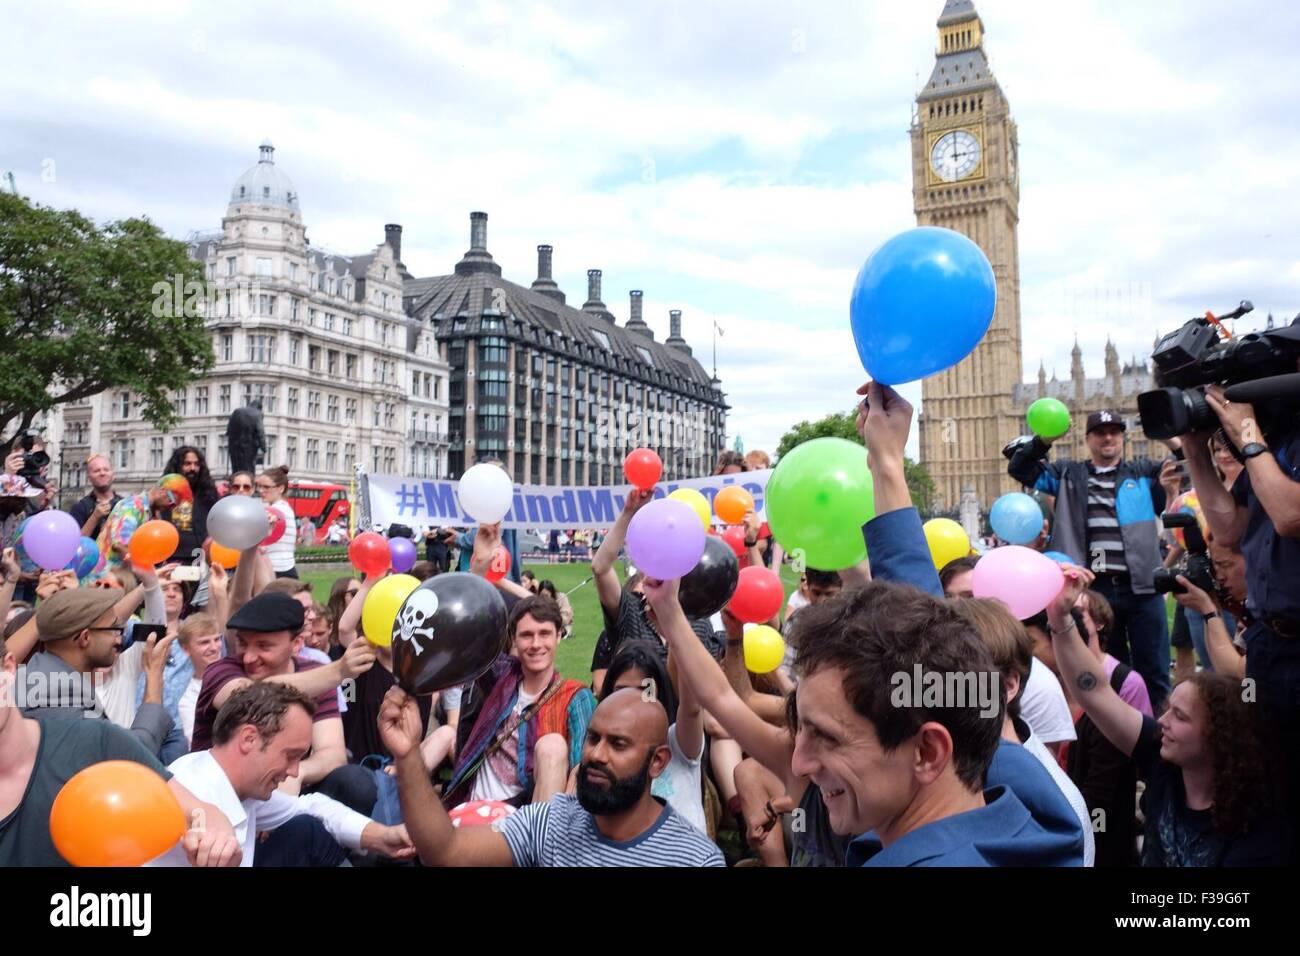 """Les manifestants se rassemblent dans la place du Parlement pour une masse l'inhalation de protoxyde d'azote contre le nouveau projet de loi de """"possession d'une substance psychoactive dans l'intention de l'offre comprend: Atmosphère Où: London, Royaume-Uni Quand: 01 août 2015 Banque D'Images"""